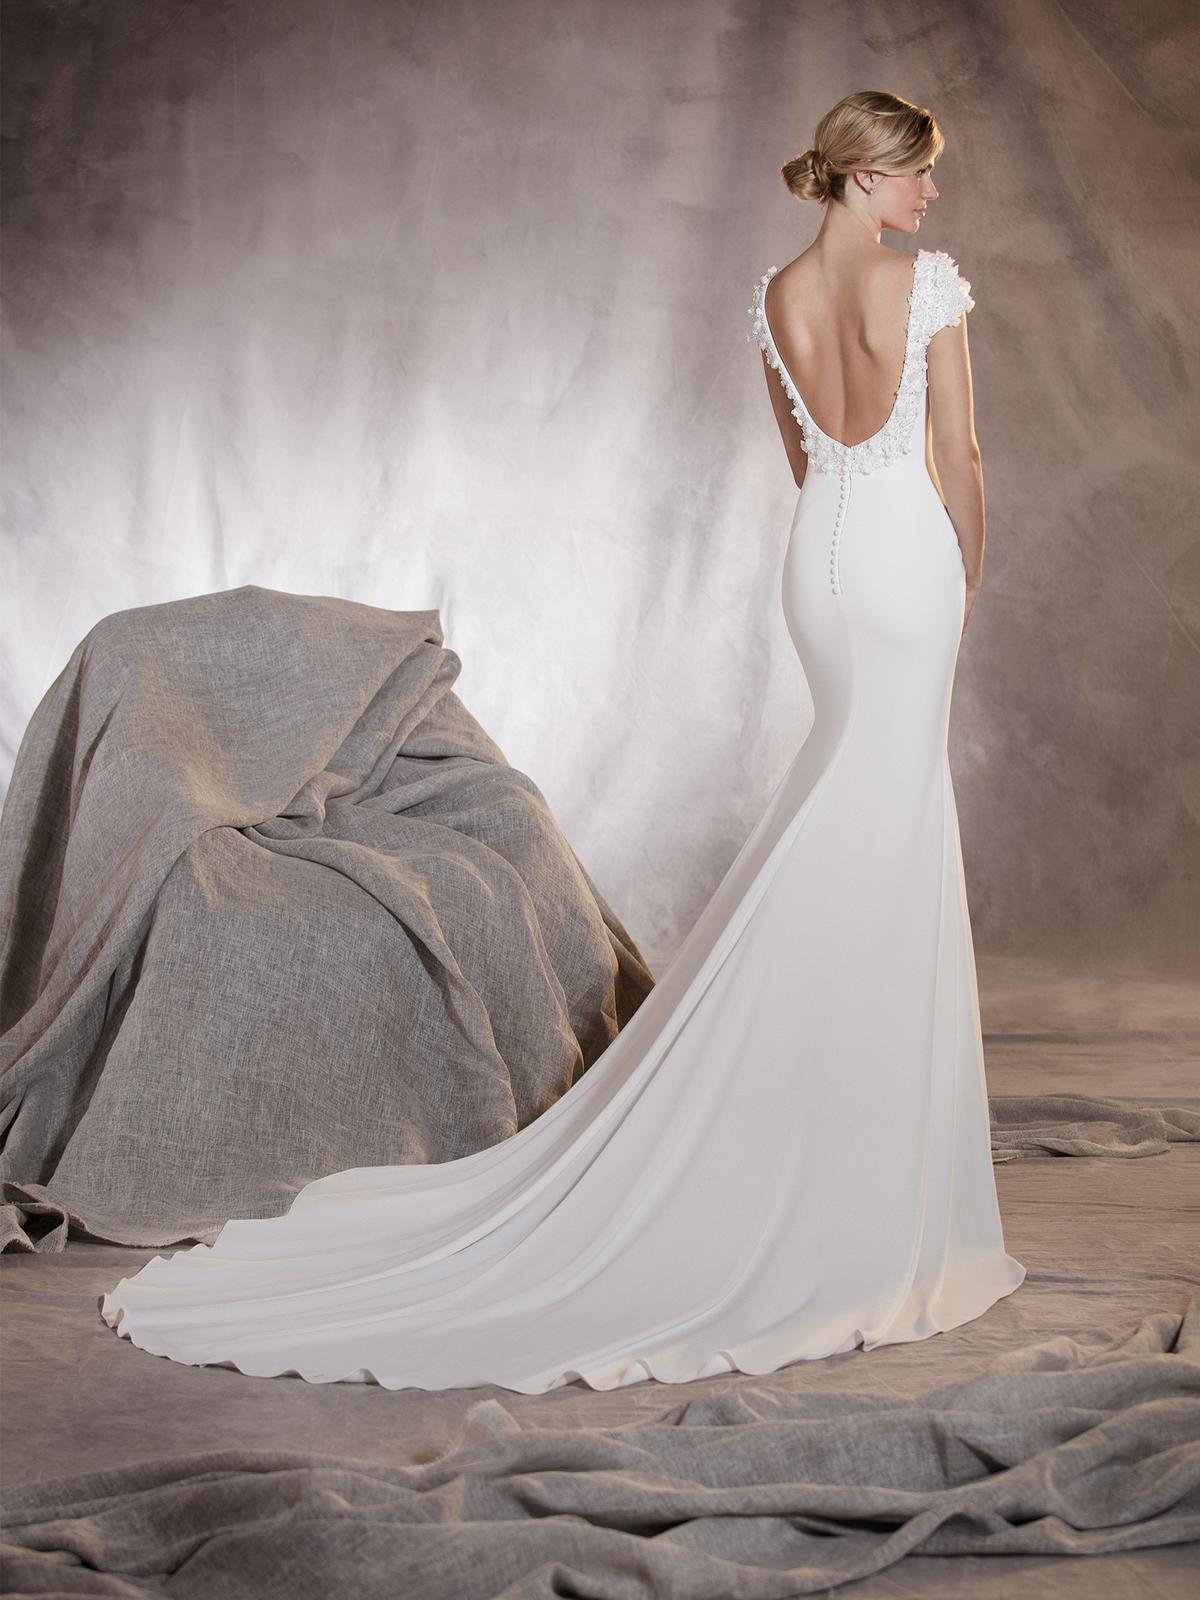 b9c8e6907cb9 Svadobné šaty pre štíhlu nevestu po štyridsiatke -... - str. 2